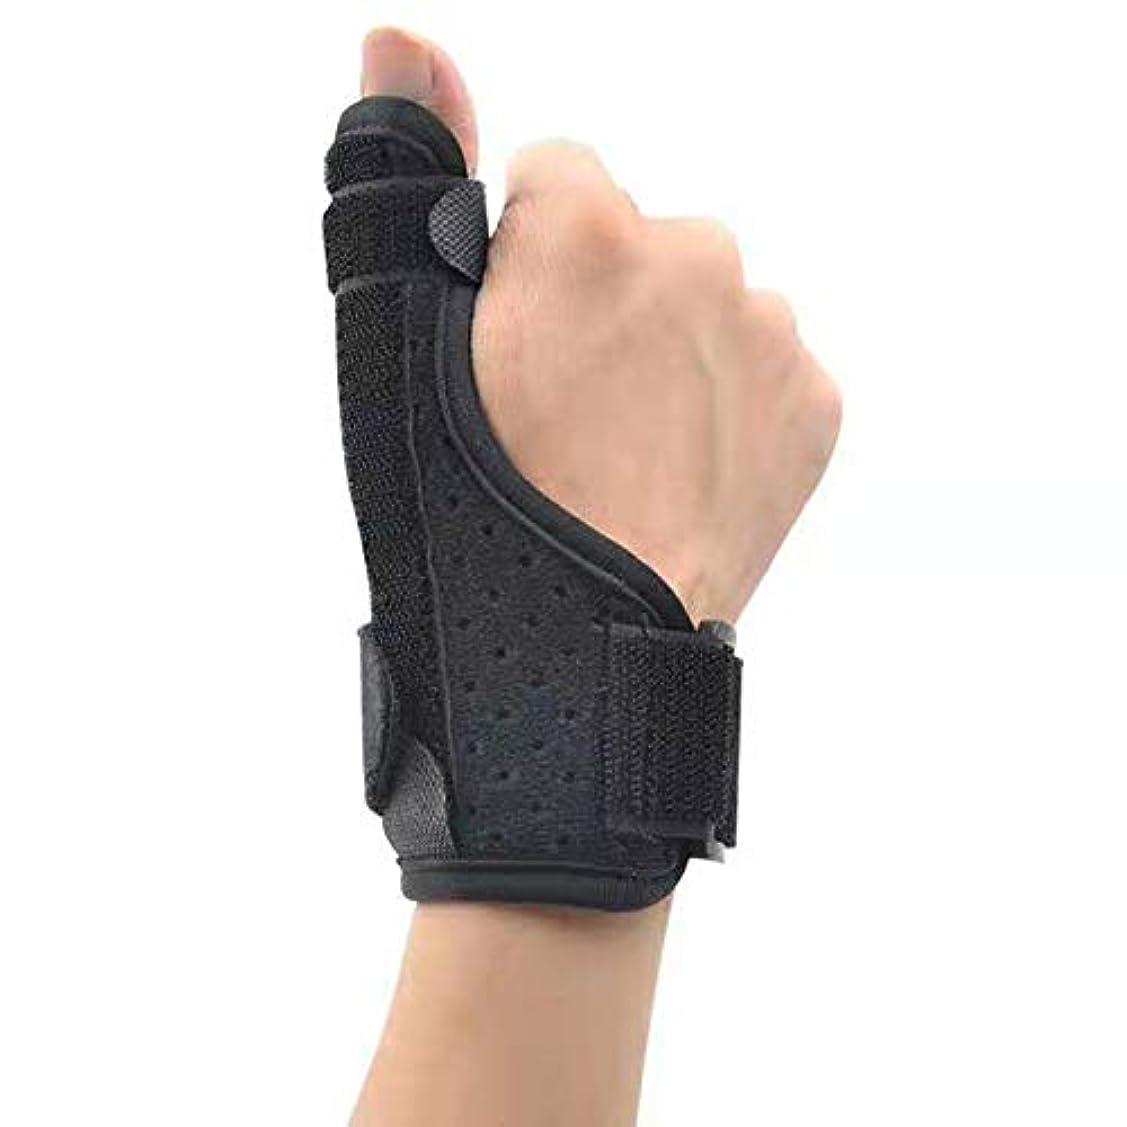 拘束する不名誉な規制腱鞘炎トリガー手根管人の女性のために修正された唯一の1個手首のサポートサムスプリント手首ブレース指アーマー親指捻挫破壊